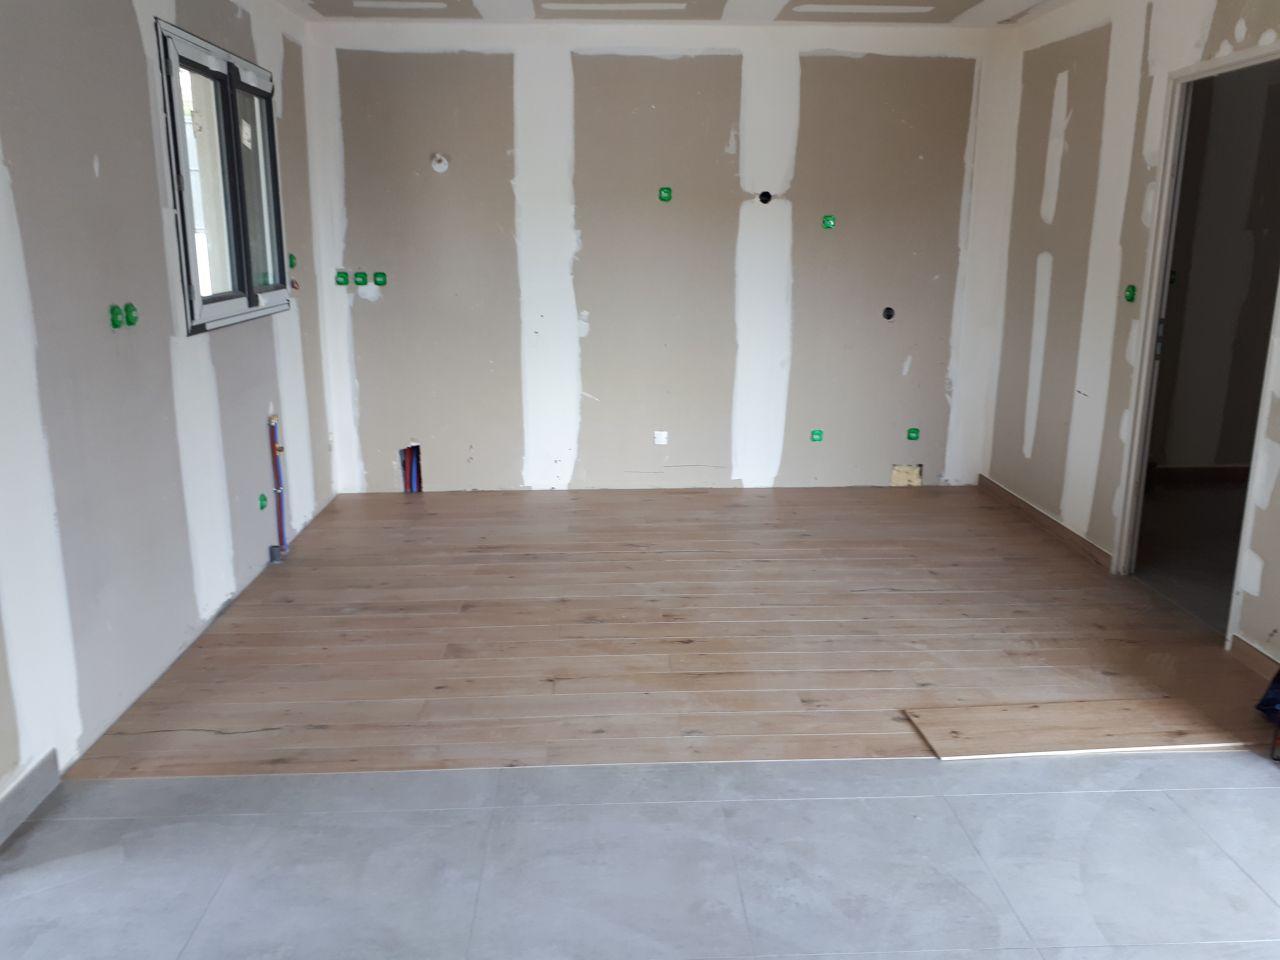 Carrelage imitation bois dans la cuisine et effet béton gris dans la pièce de vie